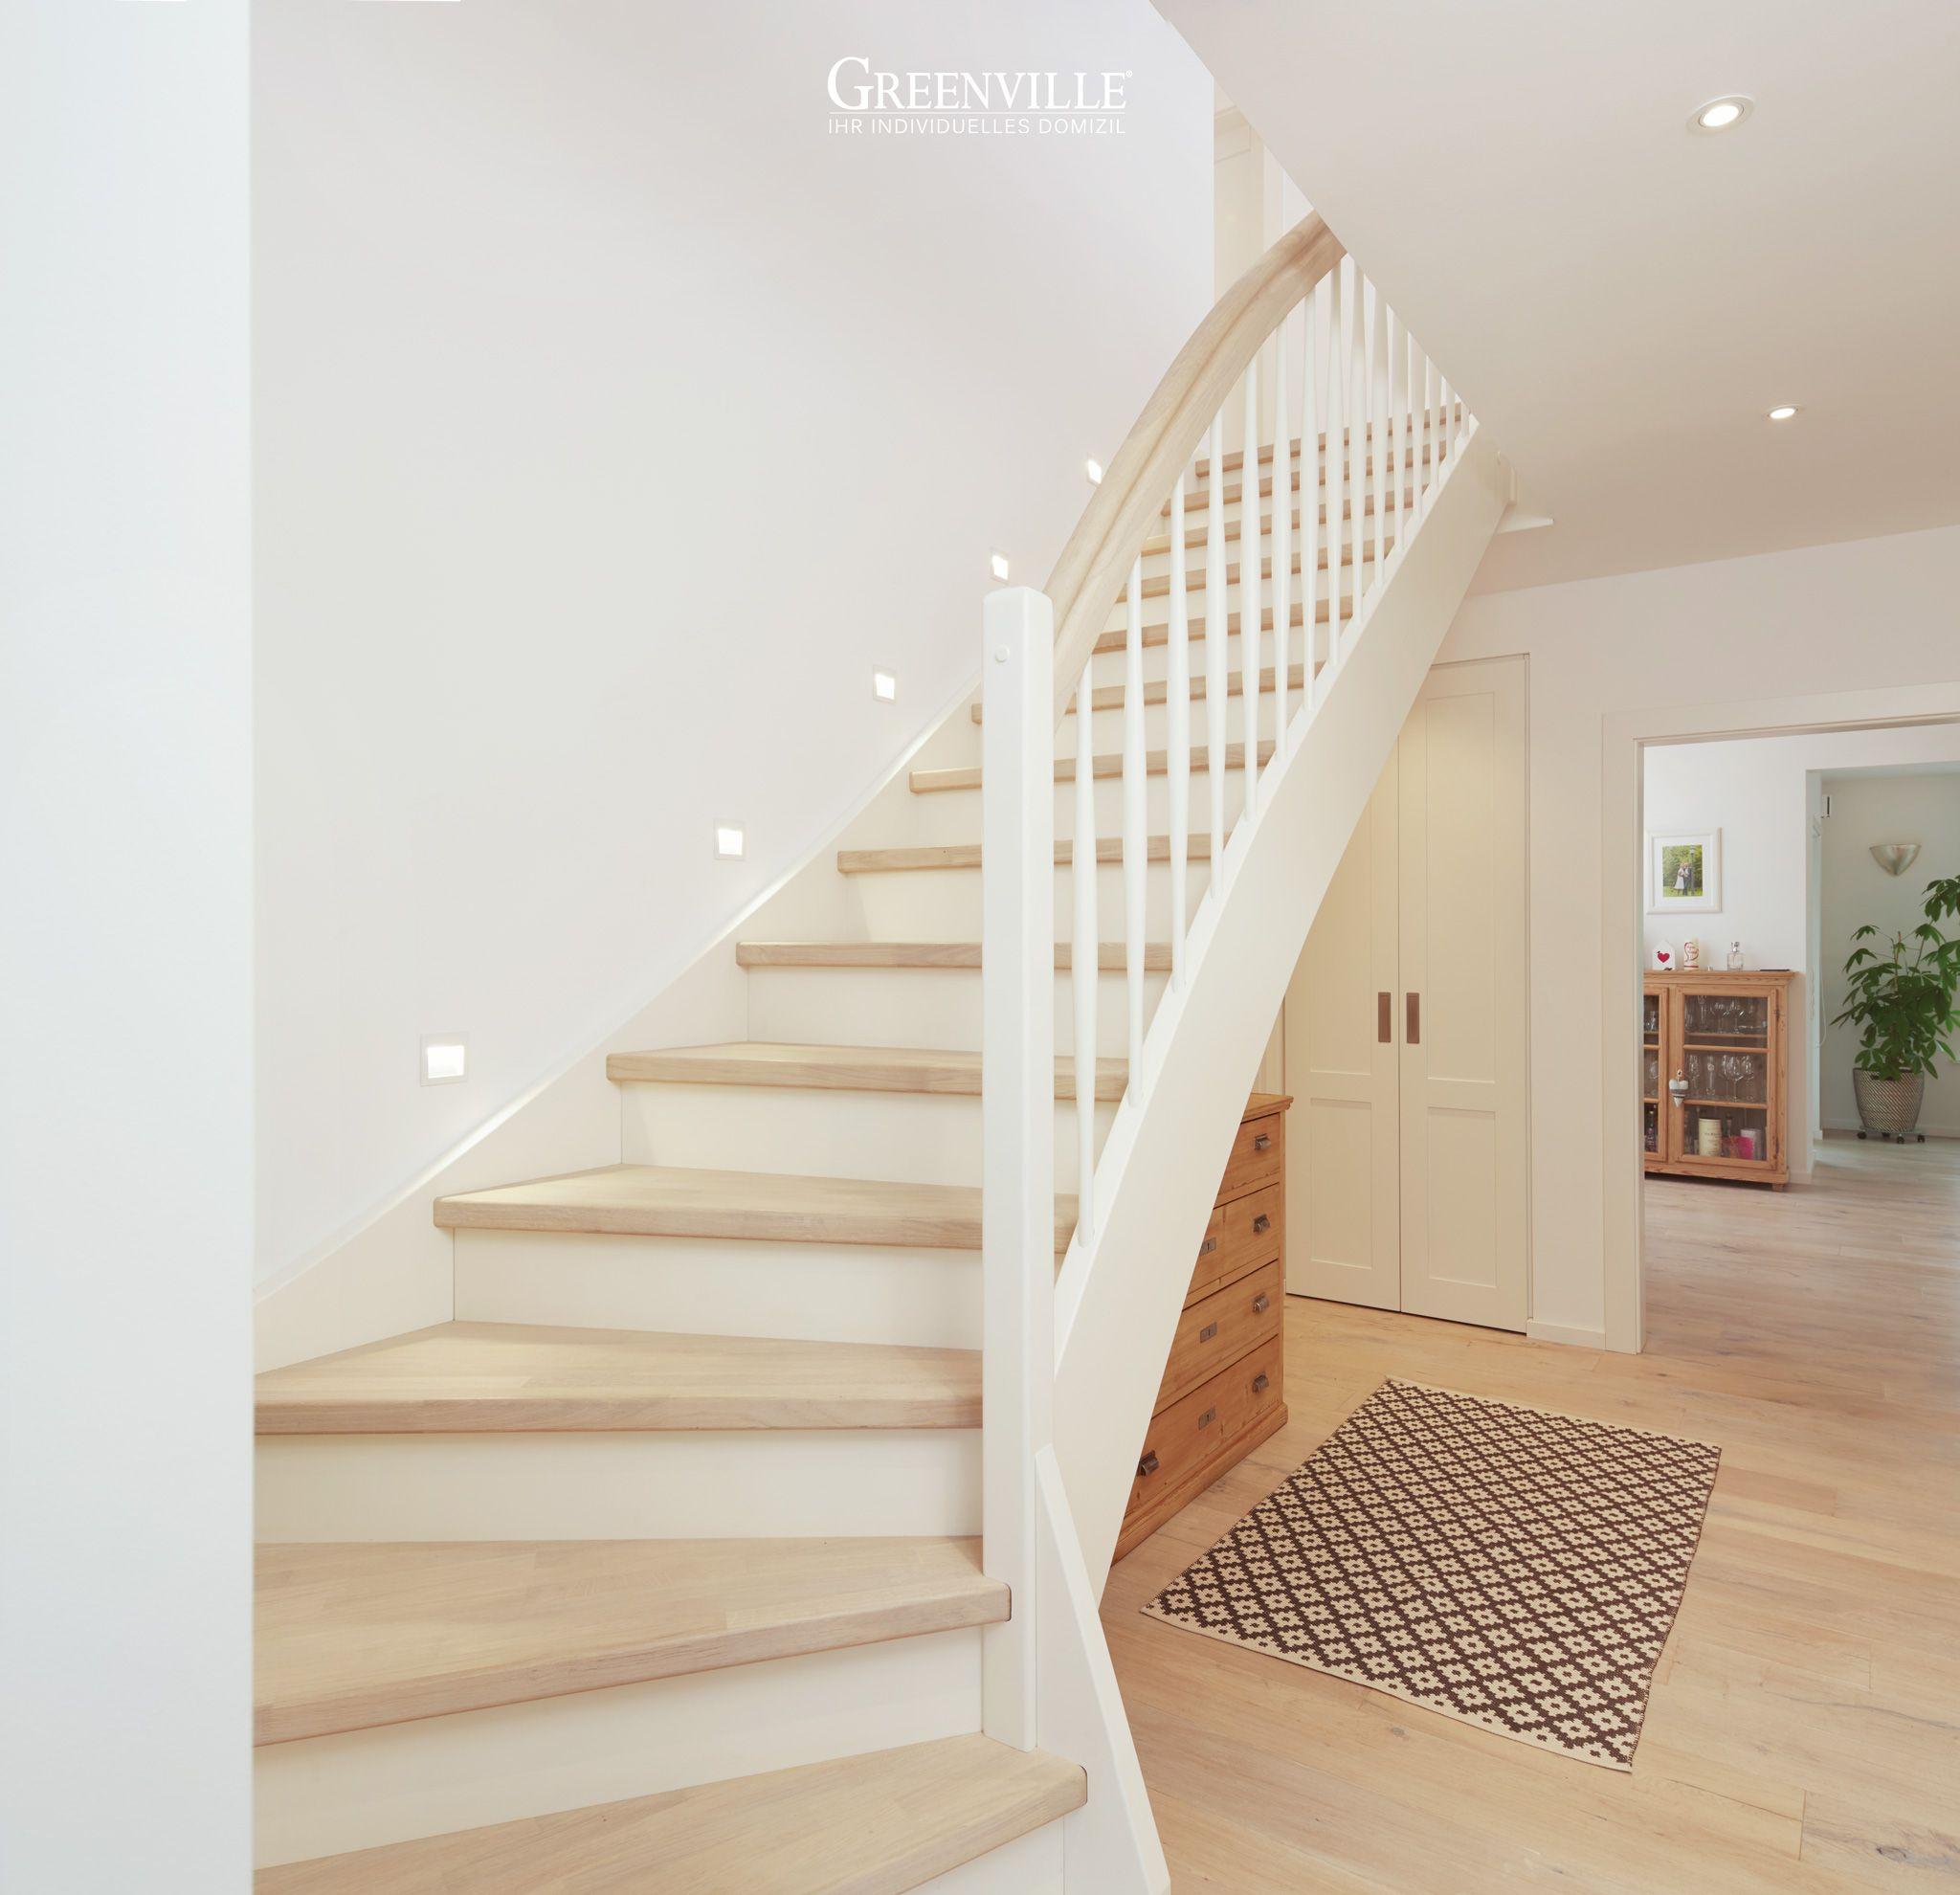 Ein Eleganter Und Ordentlicher Flur Mit Weisser Treppe Hellem Boden